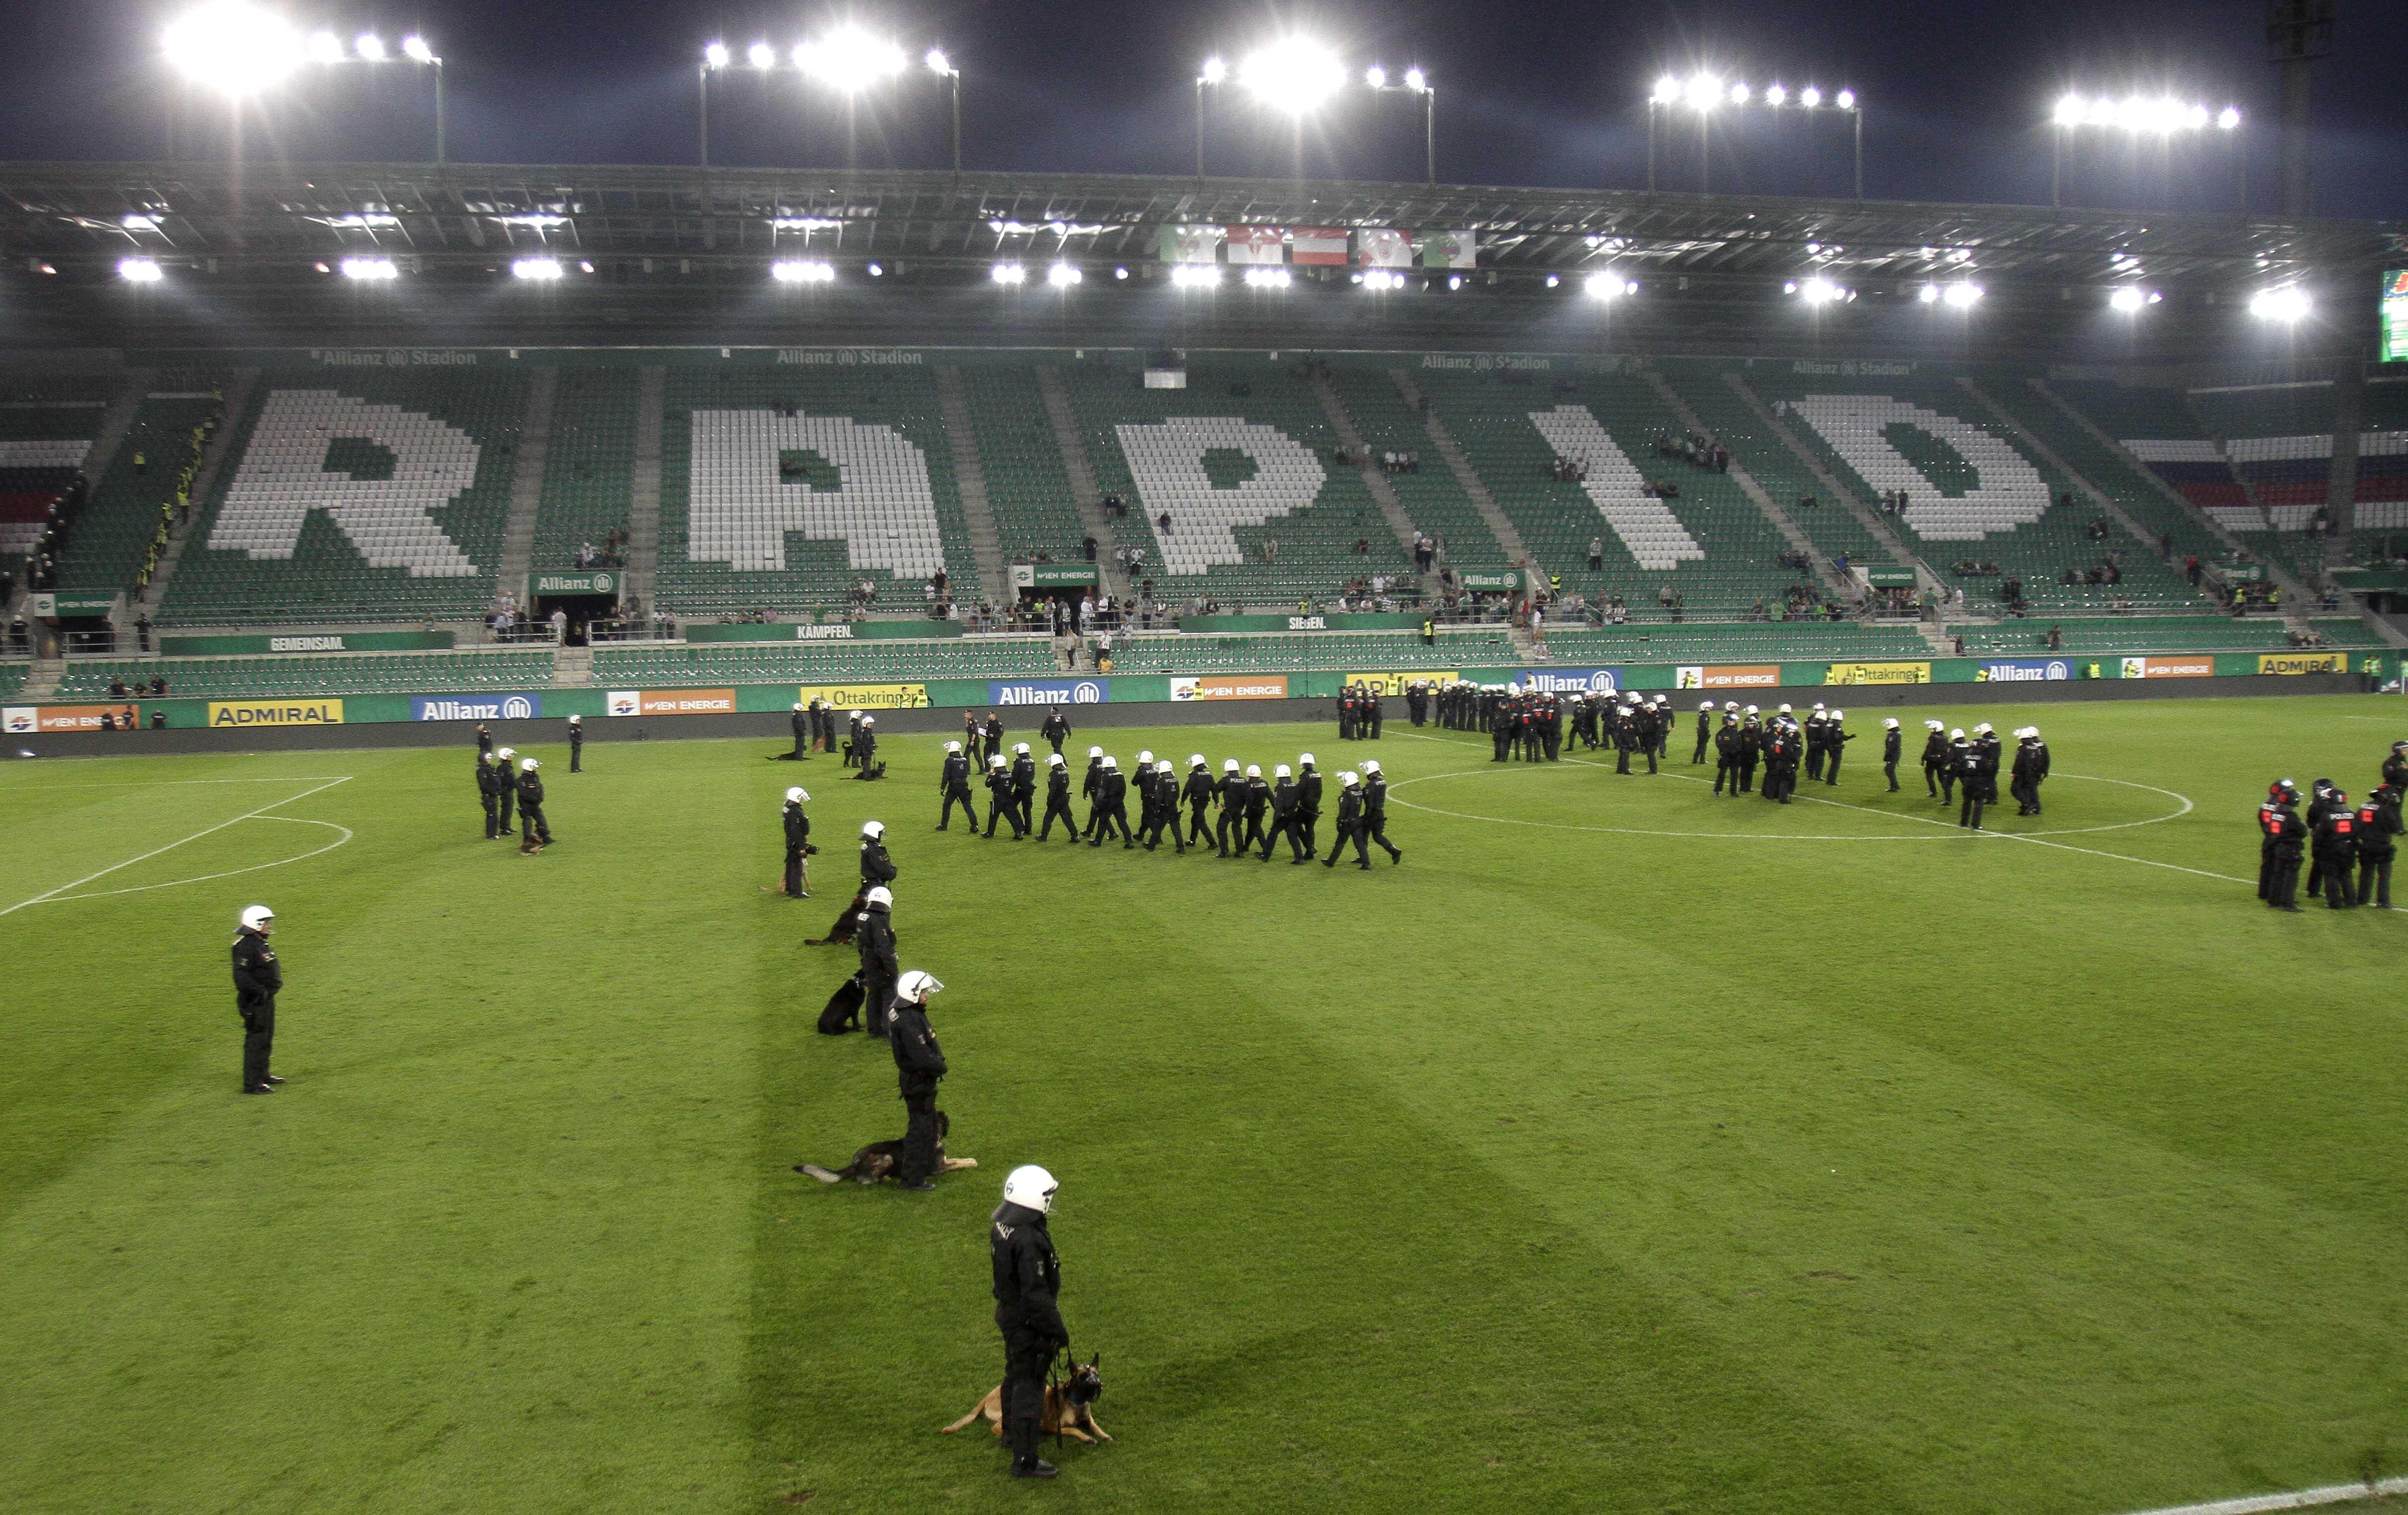 Derby-Nachspiel: Rapids Sturm ins Abseits